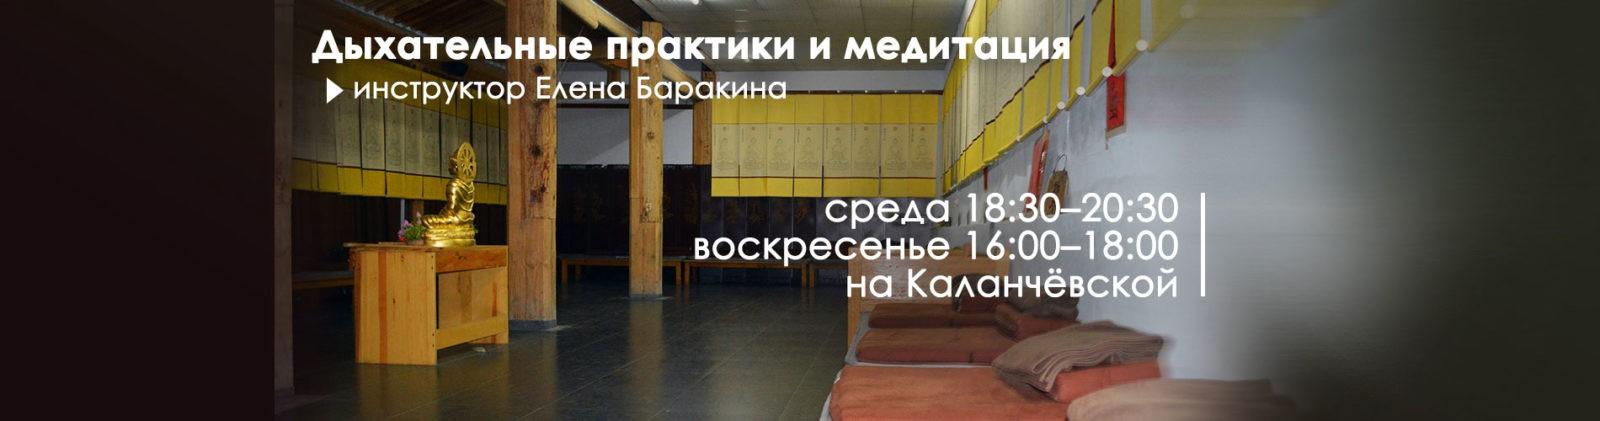 дыхательные практики медитация Елена Баракина